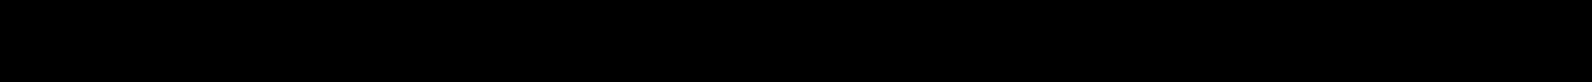 {\displaystyle {\binom {n+1}{n+1}}\left(\left({\frac {d^{n+1}}{dx^{n+1}}}f(x)\right)\left({\frac {d^{0}}{dx^{0}}}g(x)\right)\right)+{\binom {n+1}{0}}\left(\left({\frac {d^{0}}{dx^{0}}}f(x)\right)\left({\frac {d^{n+1-0}}{dx^{n+1-0}}}g(x)\right)\right)+\sum _{k=1}^{n}{{\binom {n+1}{k}}\left(\left({\frac {d^{k}}{dx^{k}}}f(x)\right)\left({\frac {d^{n+1-k}}{dx^{n+1-k}}}g(x)\right)\right)}}